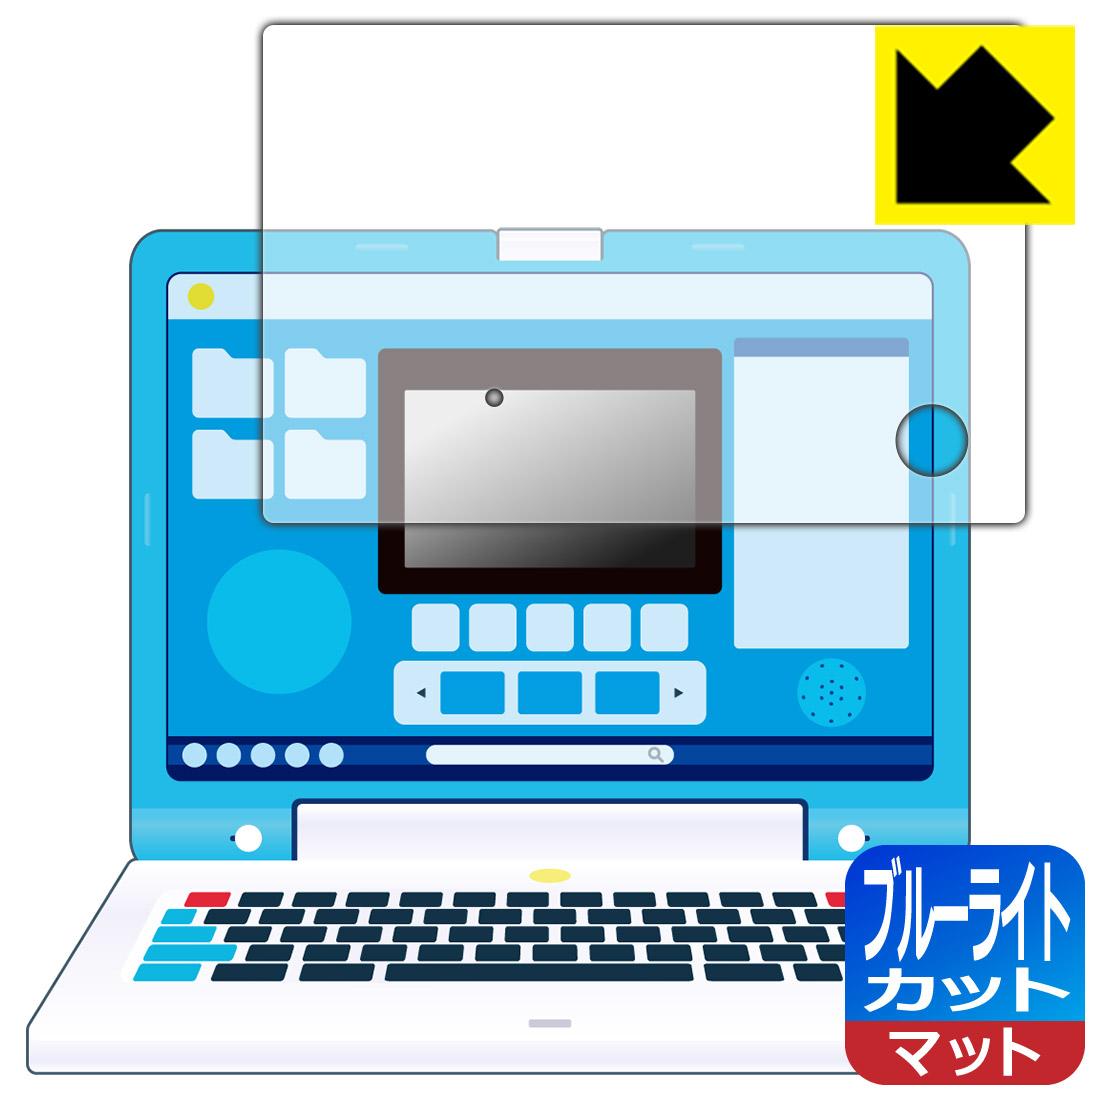 ブルーライト低減タイプ 反射低減 ラーニングパソコン 用 全面保護タイプ 専用保護フィルム 海外限定 保護フィルム 定番から日本未入荷 ブルーライトカット ドラえもん 保護シート smtb-kd